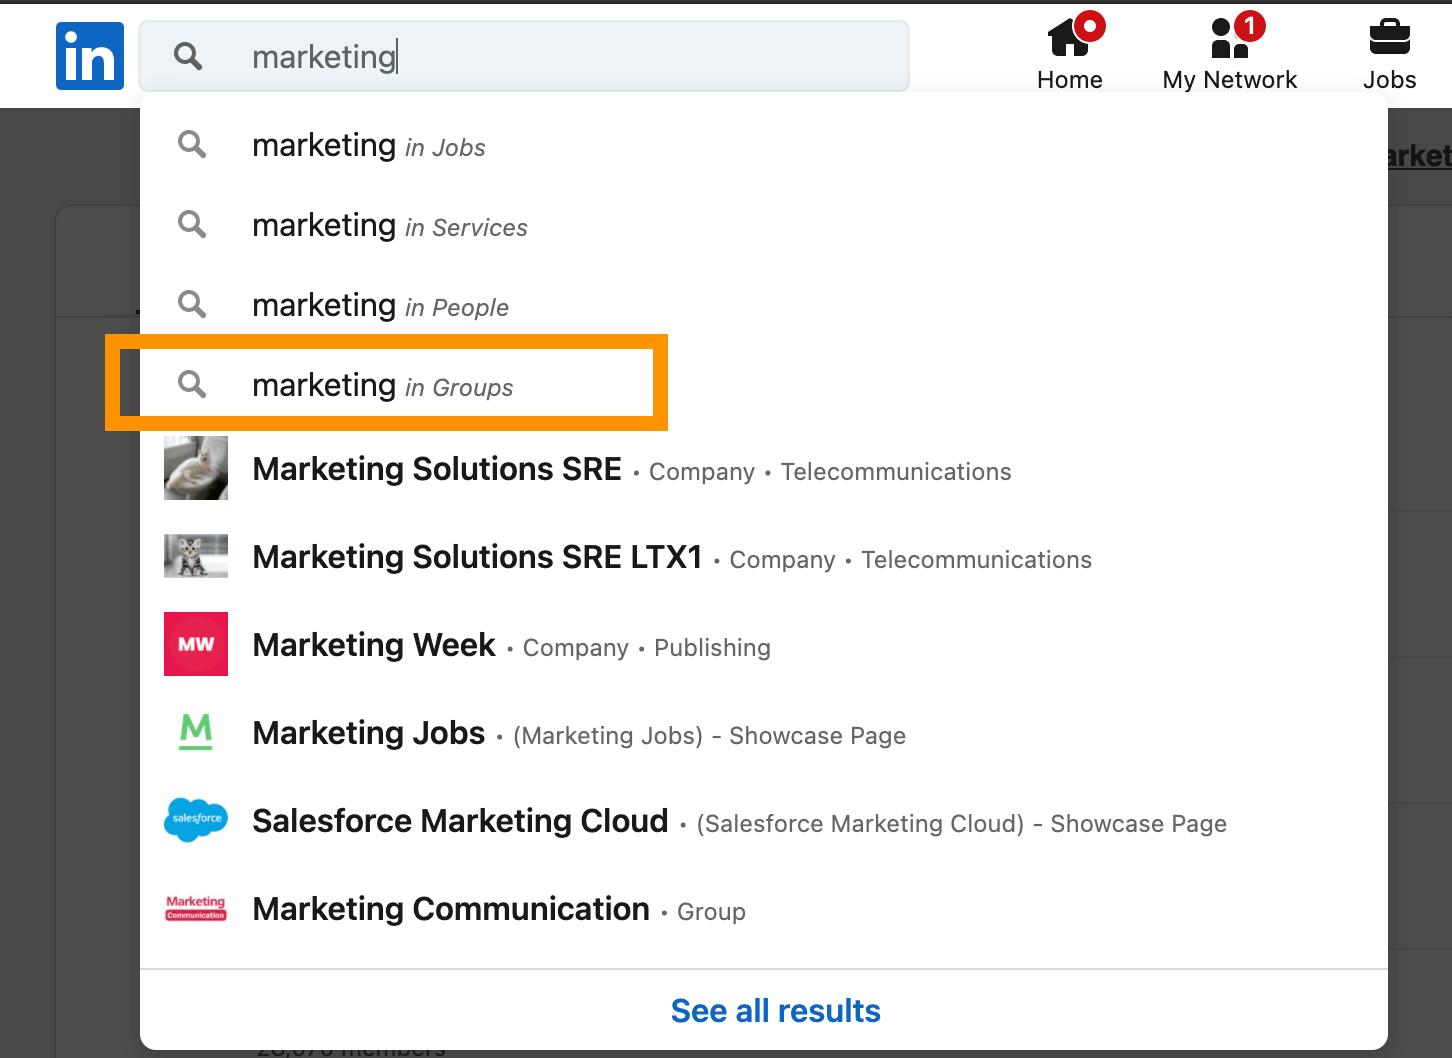 LinkedInの検索バーでマーケティングに関するグループを検索